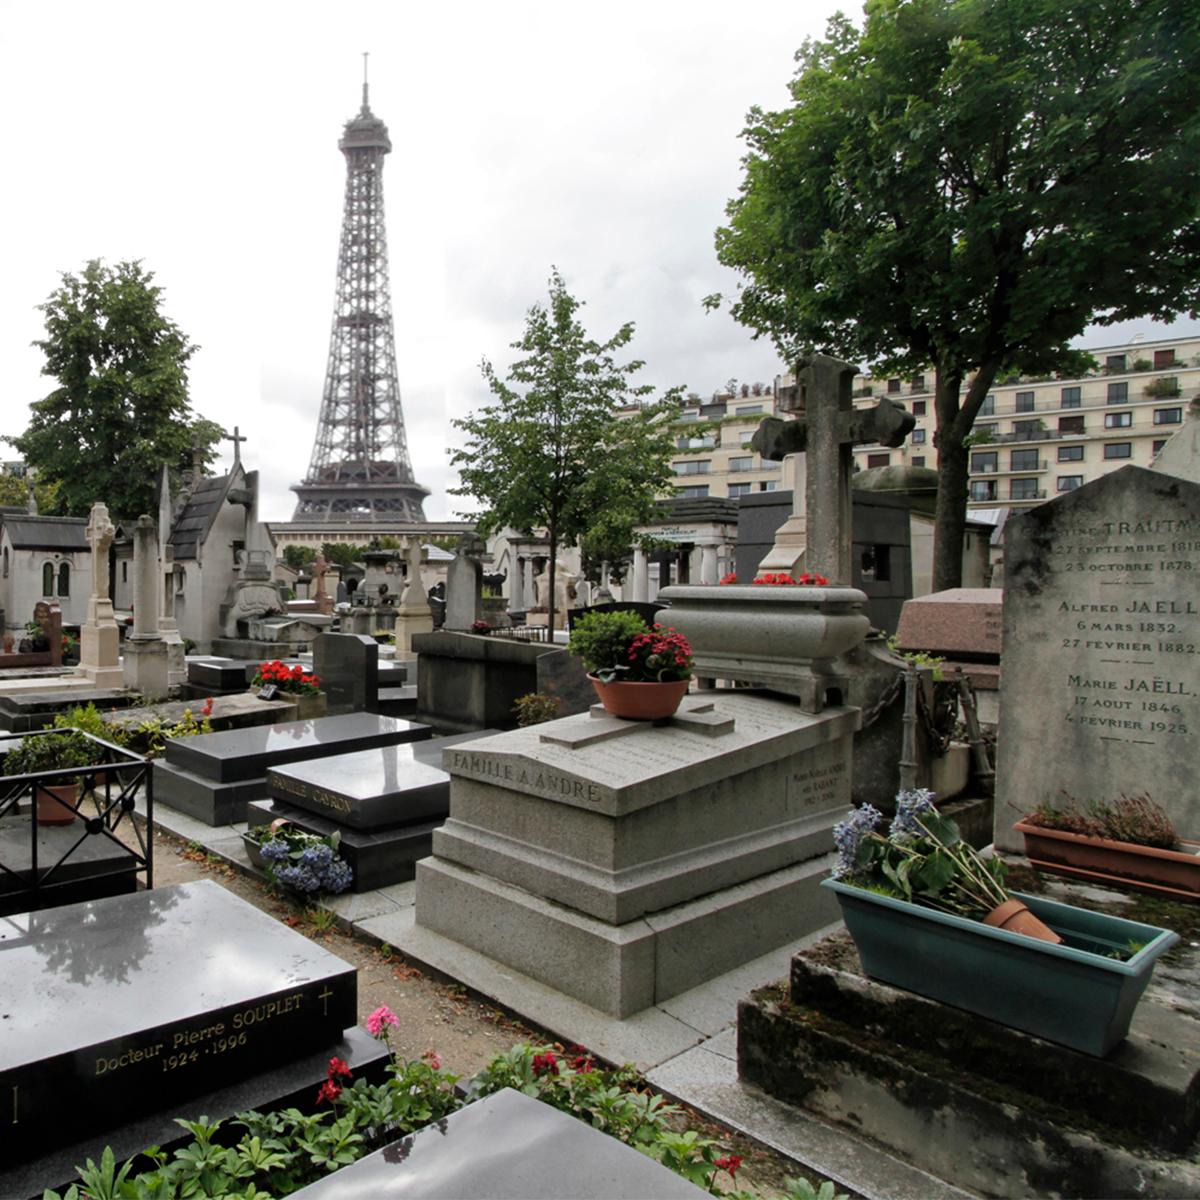 Vakantie in Parijs begraafplaats Rebel Uitvaart